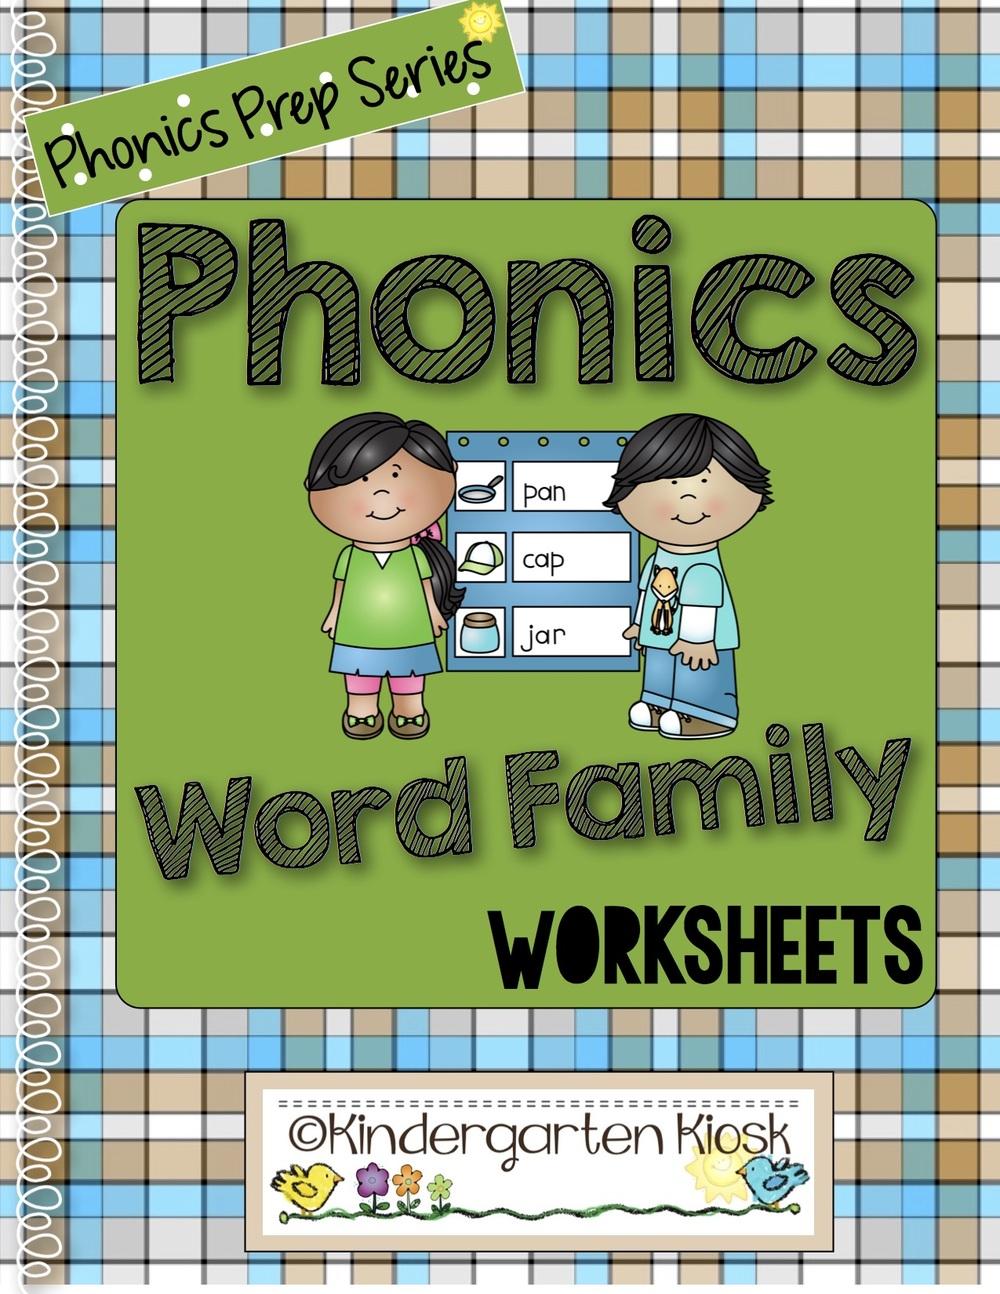 Phonics Prep Word Family Worksheets Kindergarten Kiosk